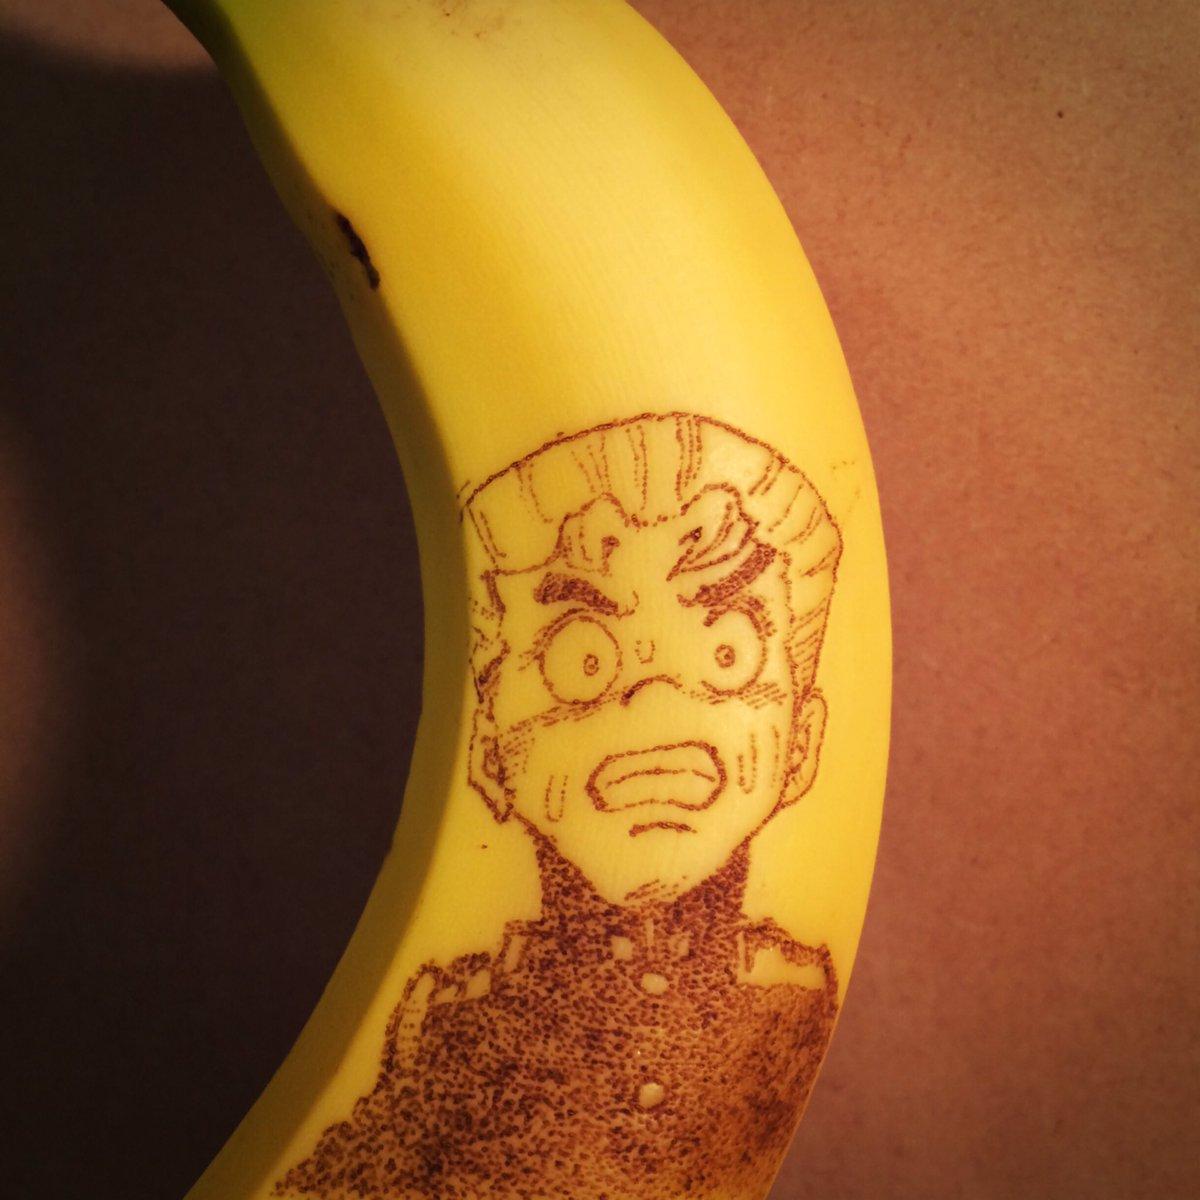 押しピンで皮に穴を開け変色させて描く康一くんをヘブンズ・ドアーでもてあそぶ。最高だぞ!康一くんッ!#jojo_anime